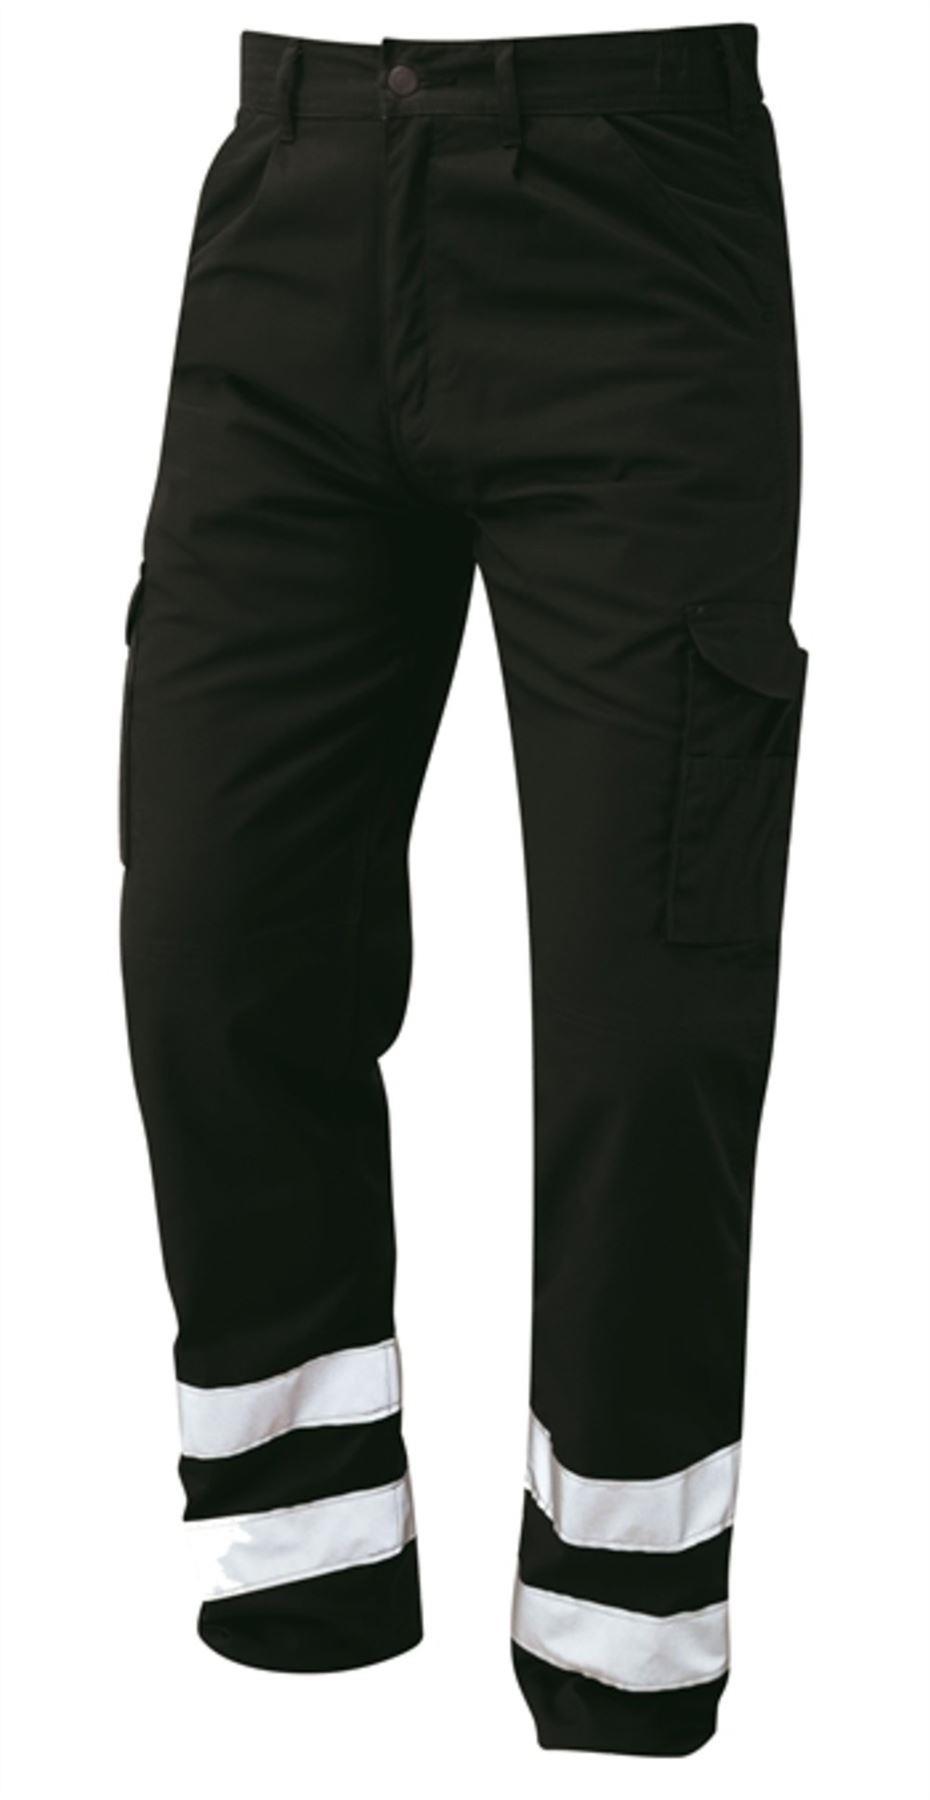 Orn Condor Hi Vis Kneepad Trousers - Black|56W35L